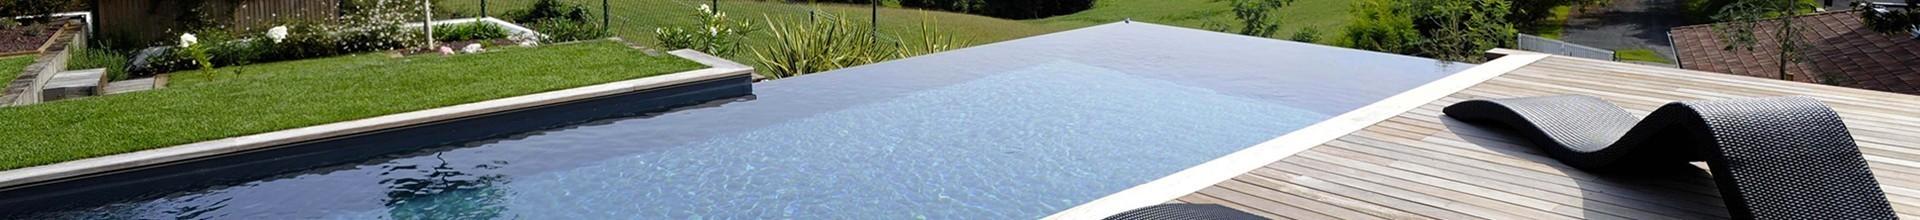 Constructeur piscine discount Pays : Espagne